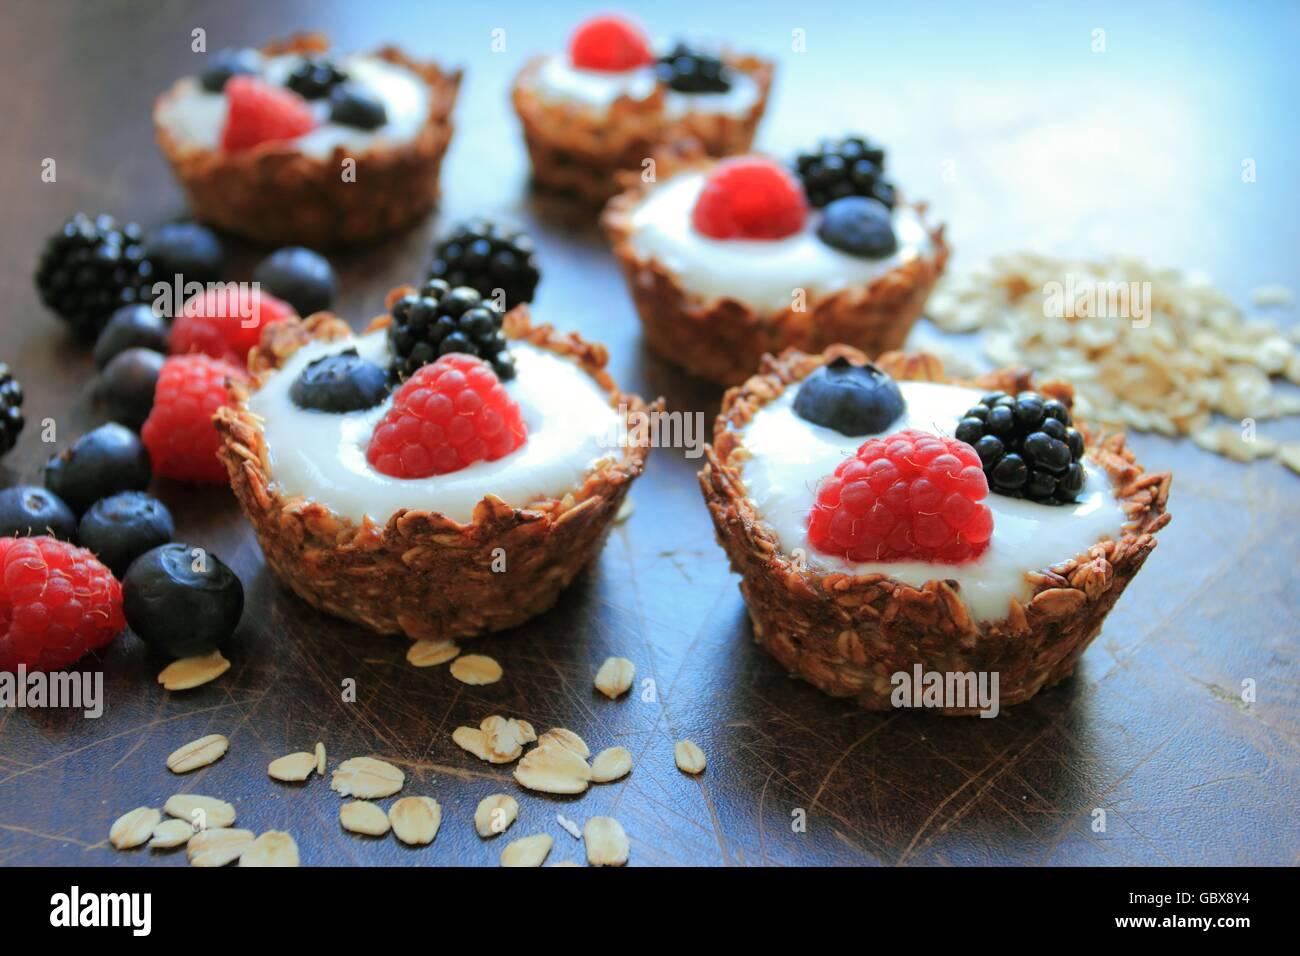 Crostate con oat cereali e frutti Immagini Stock